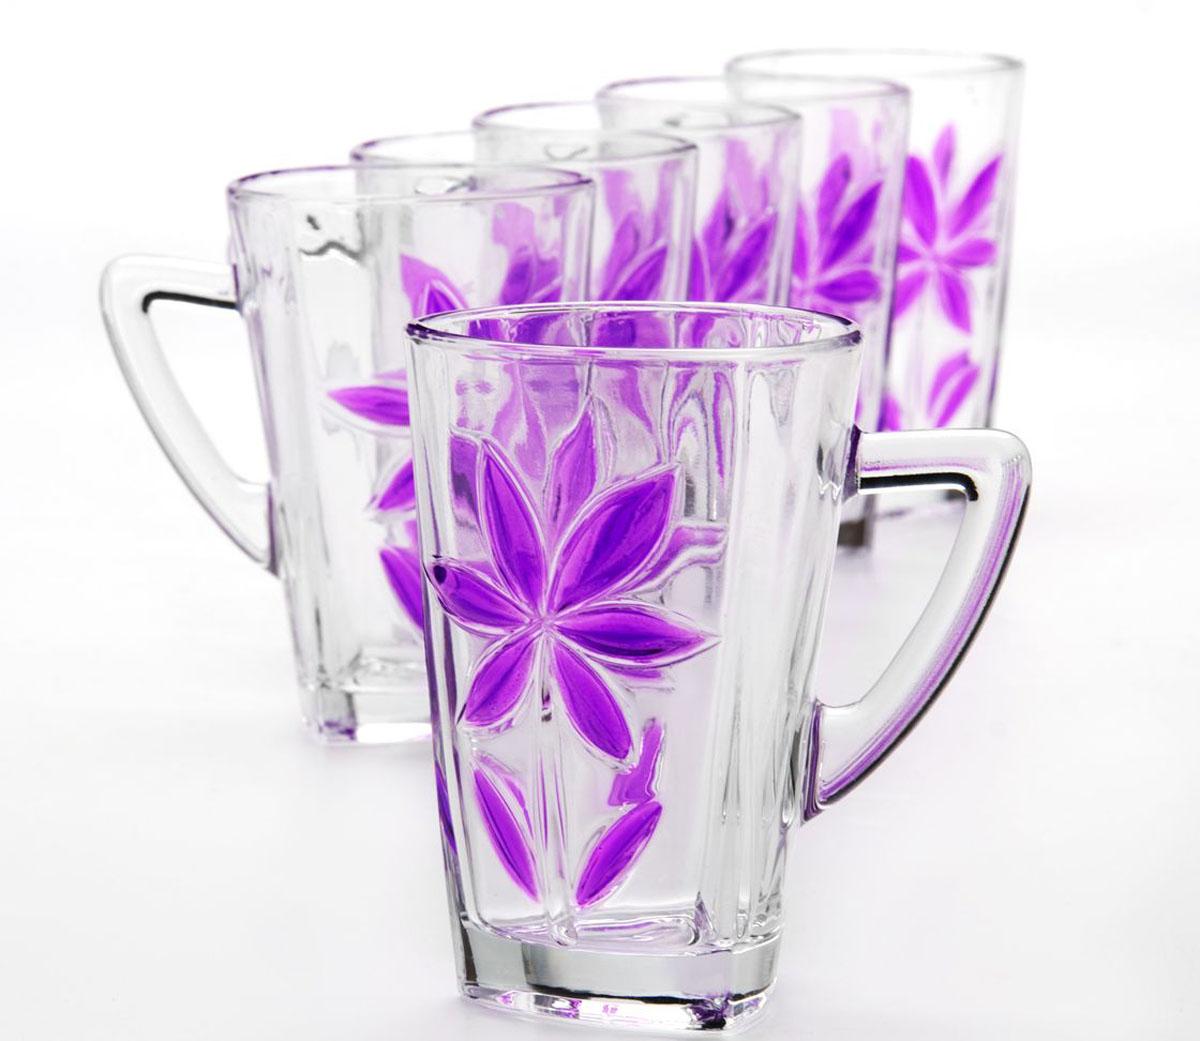 Набор стаканов Mayer & Boch, 255 мл, 6 шт24084-24085Набор, состоящий из шести стаканов, несомненно, придется вам по душе. Стаканы выполнены из высококачественного стекла в мягких тонах с оригинальным цветочным узором. Благодаря такому набору пить напитки будет еще вкуснее. Набор стаканов Loraine станет также отличным подарком на любой праздник. Подходит для горячих и холодных напитков.